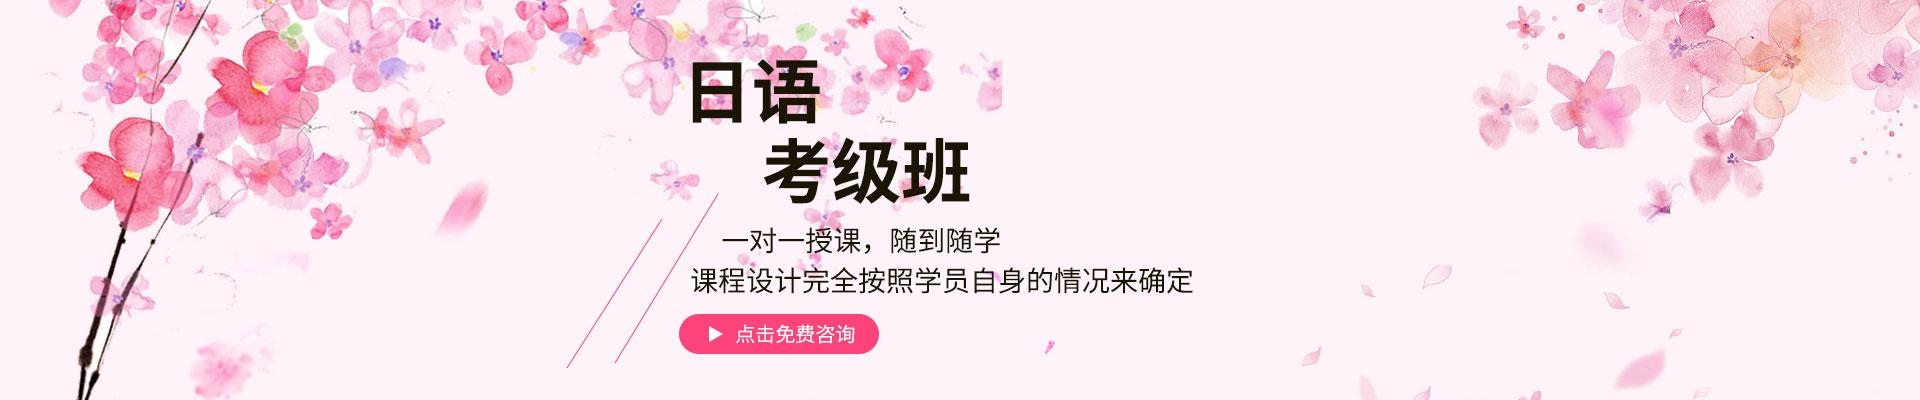 扬州新干线日语培训中心